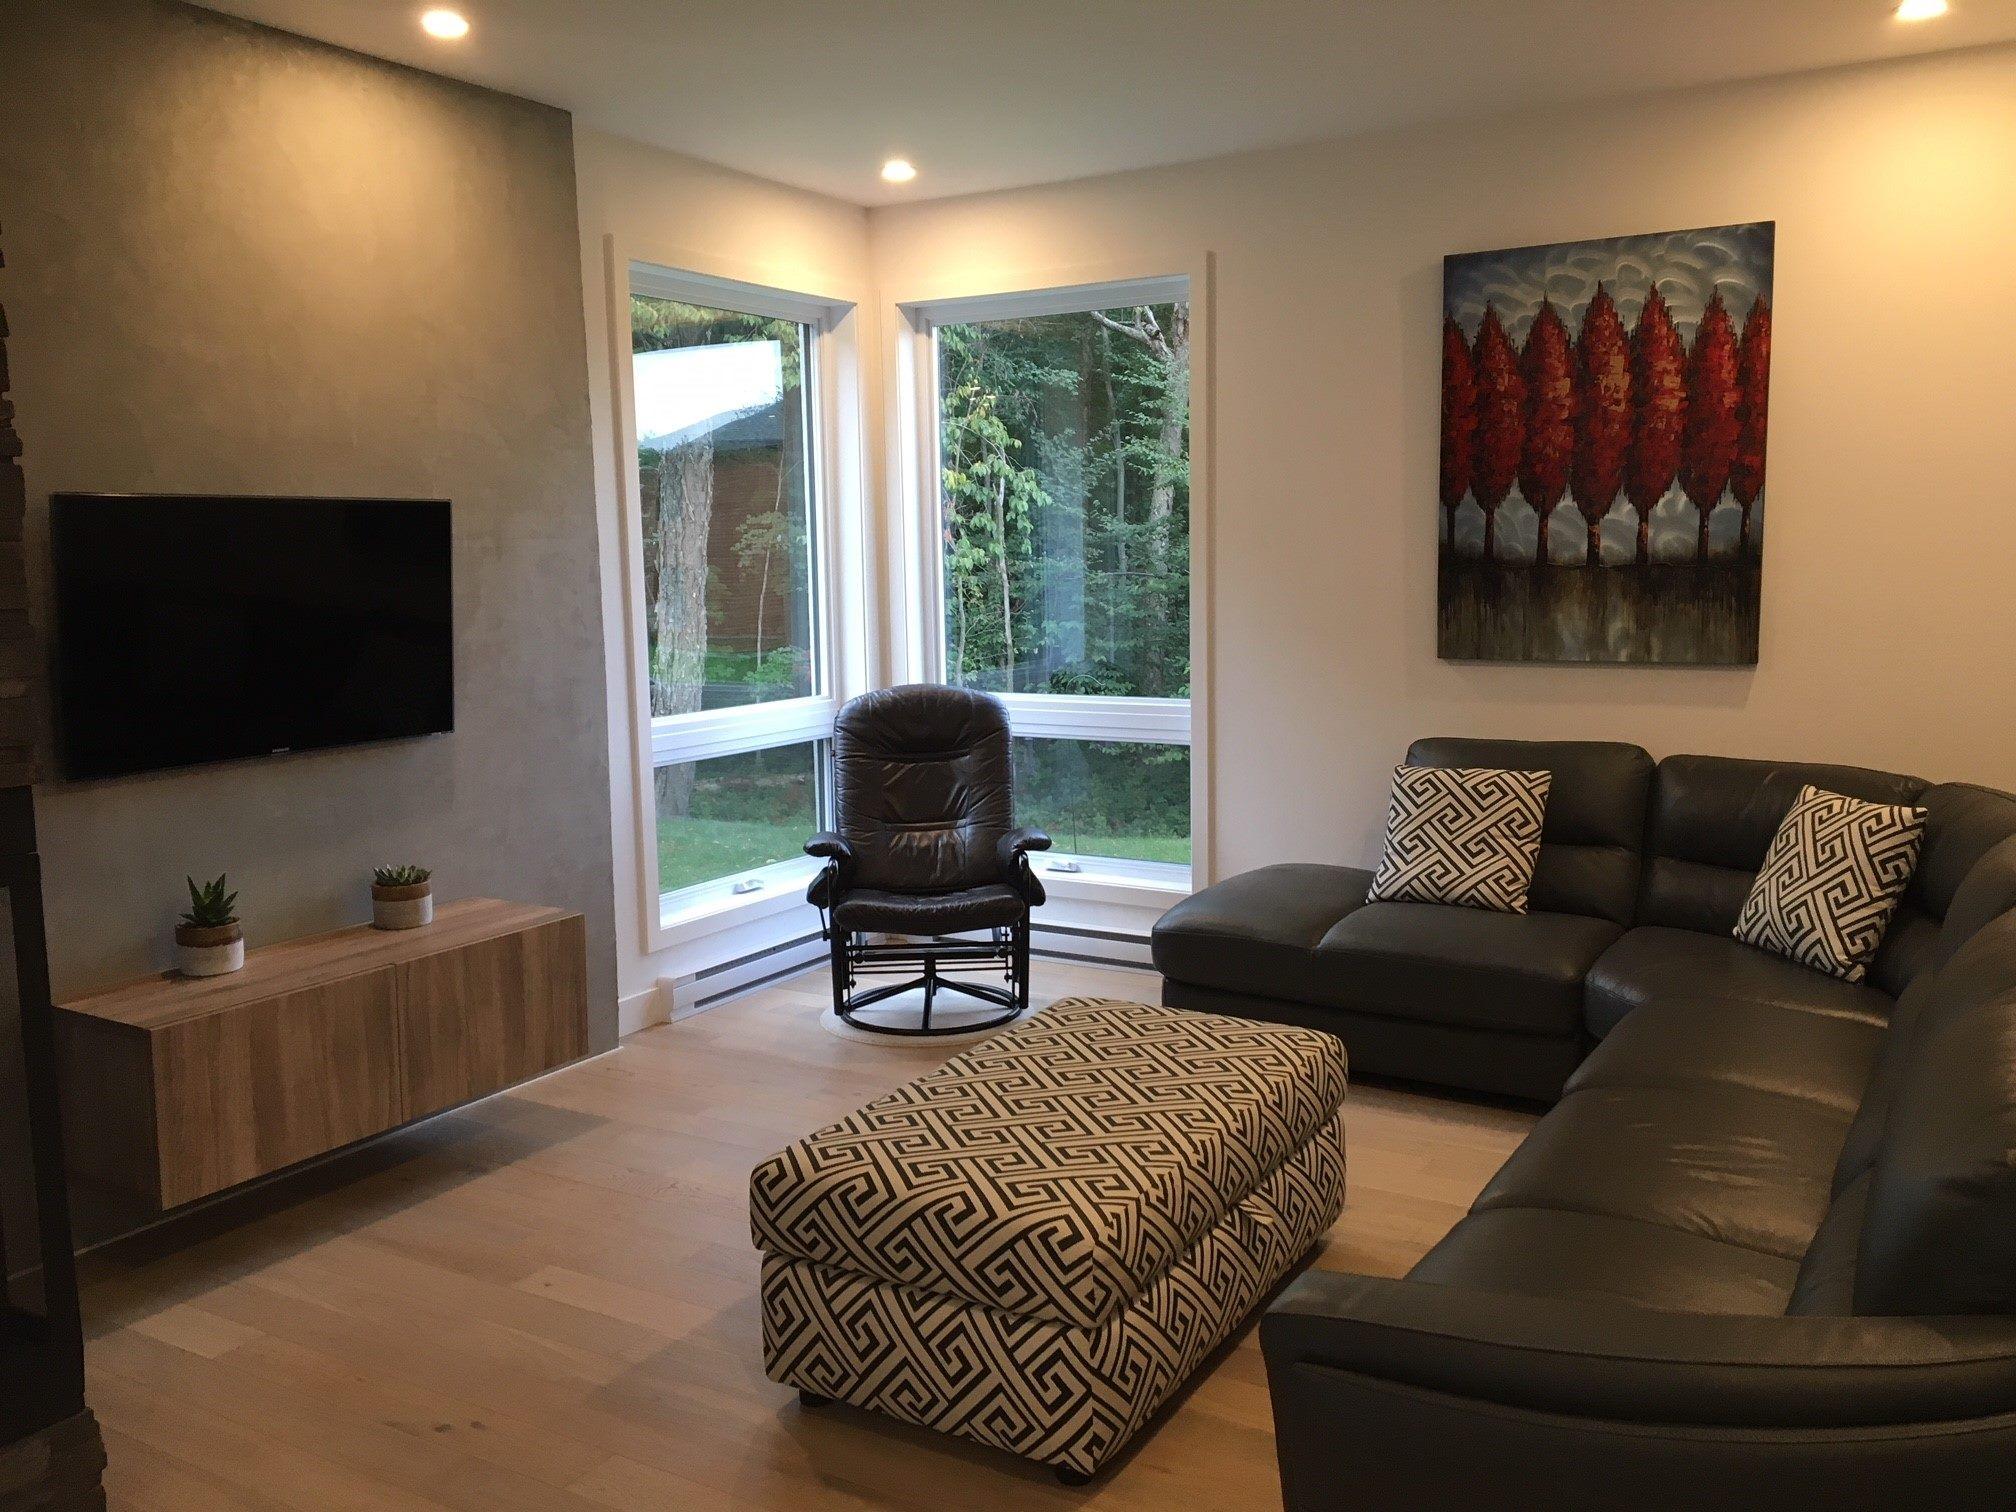 vue d'un salon avec divans et décorations